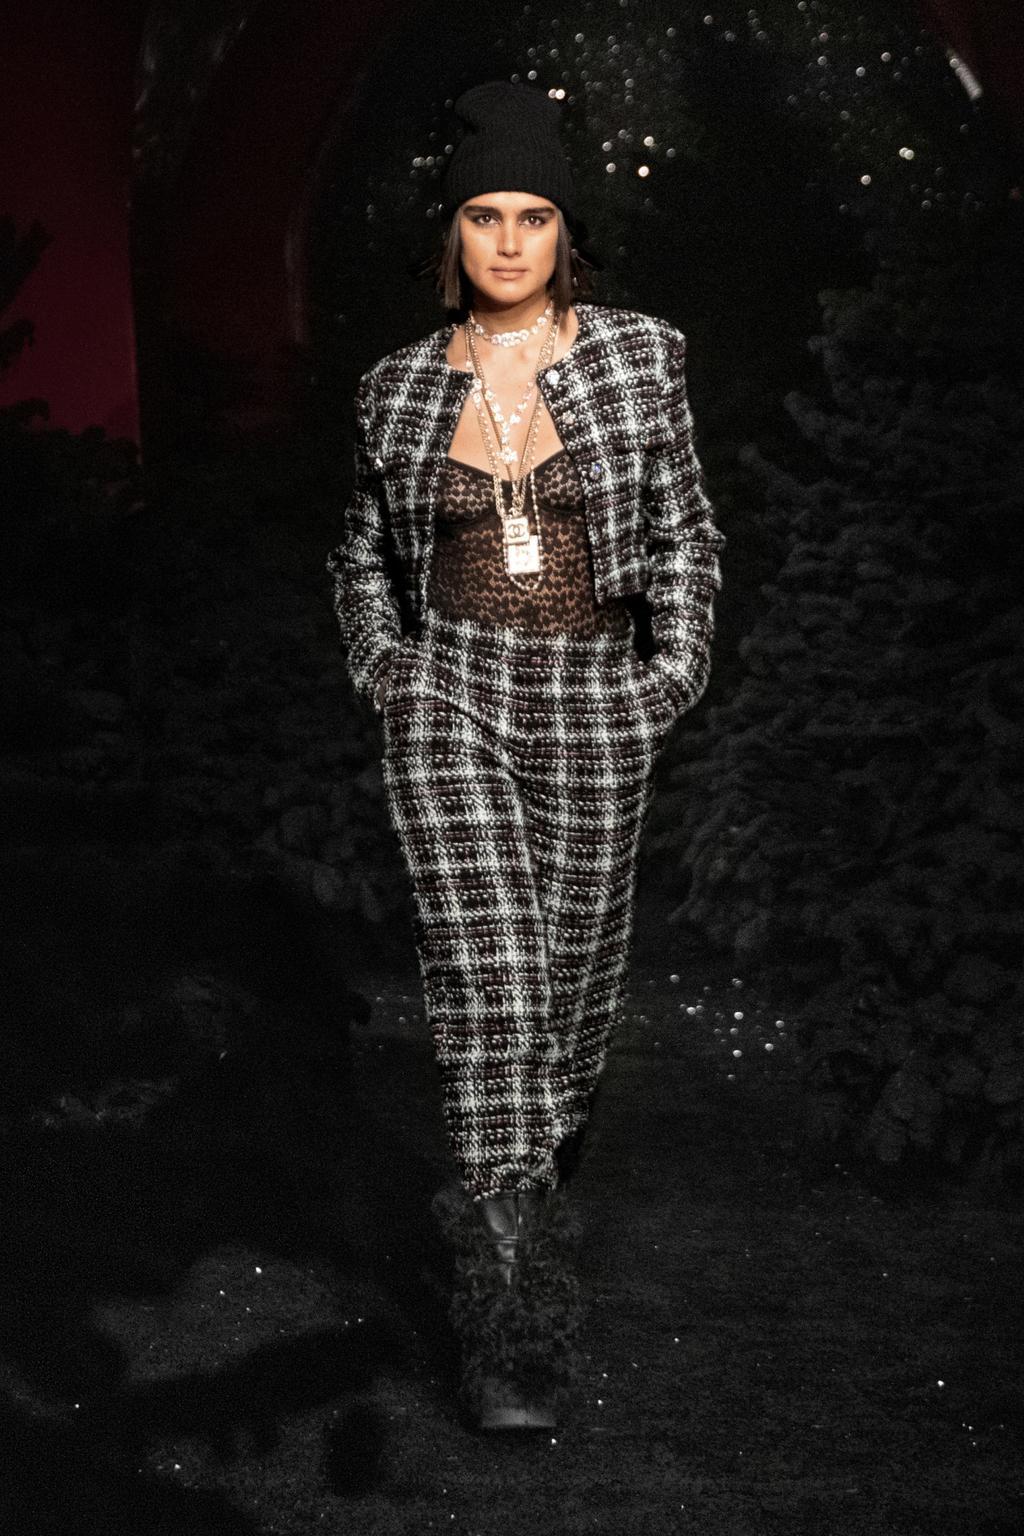 Пайетки, люрекс и классика в коллекции Chanel FW'21/22